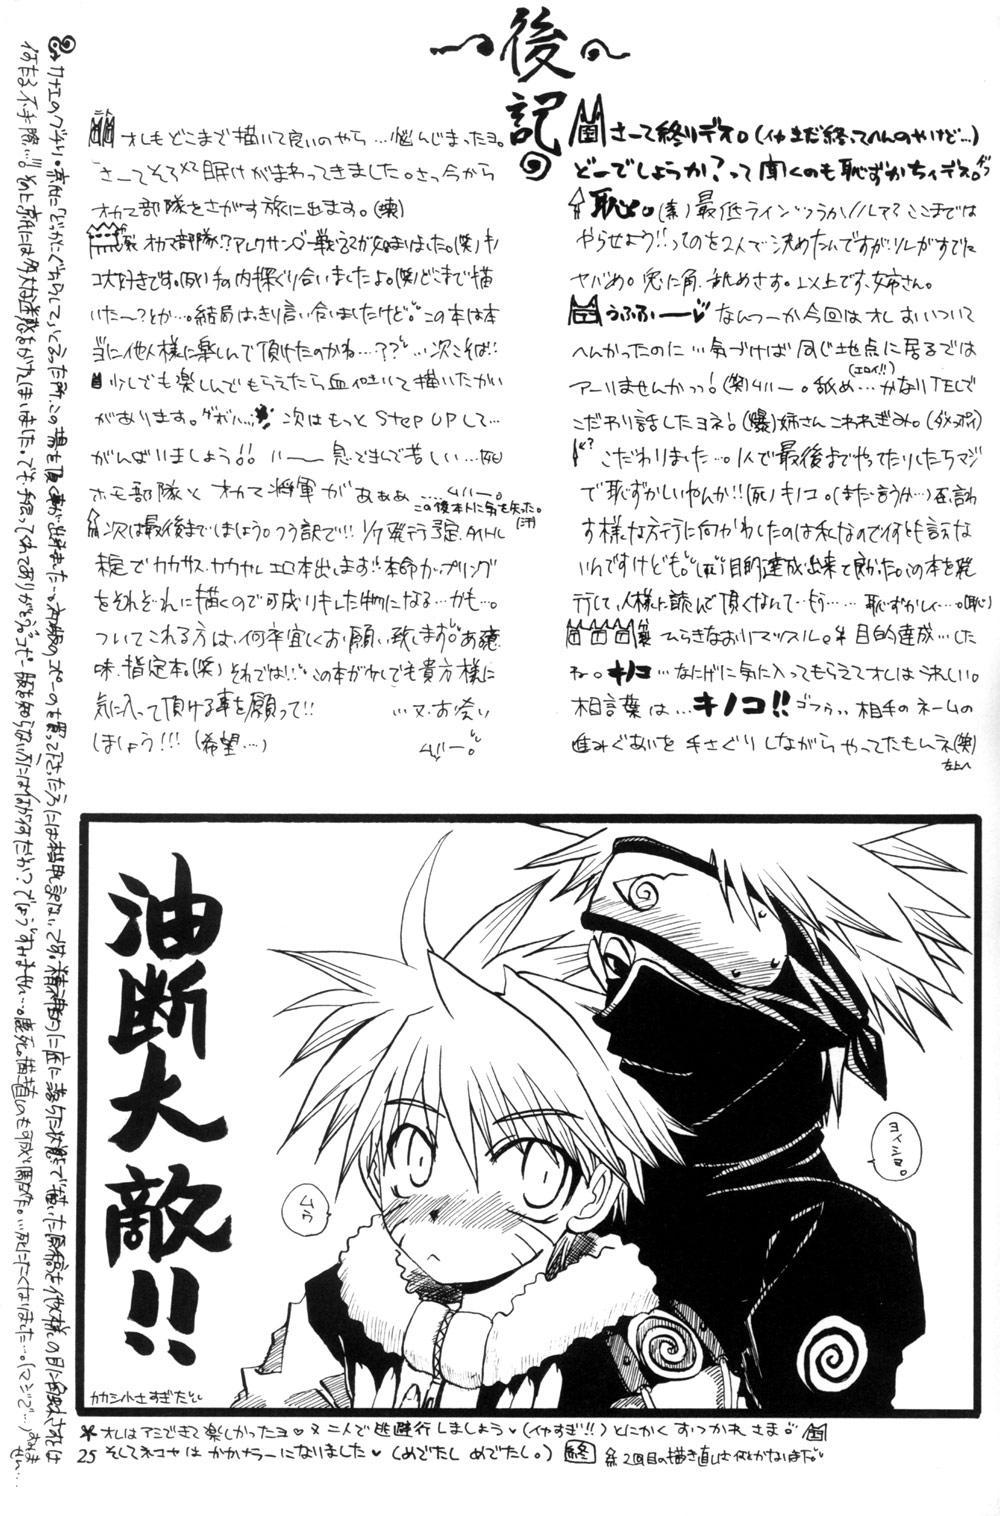 Watch Out!! (NARUTO) [Kakashi X Naruto - Sasuke X Naruto] YAOI 24